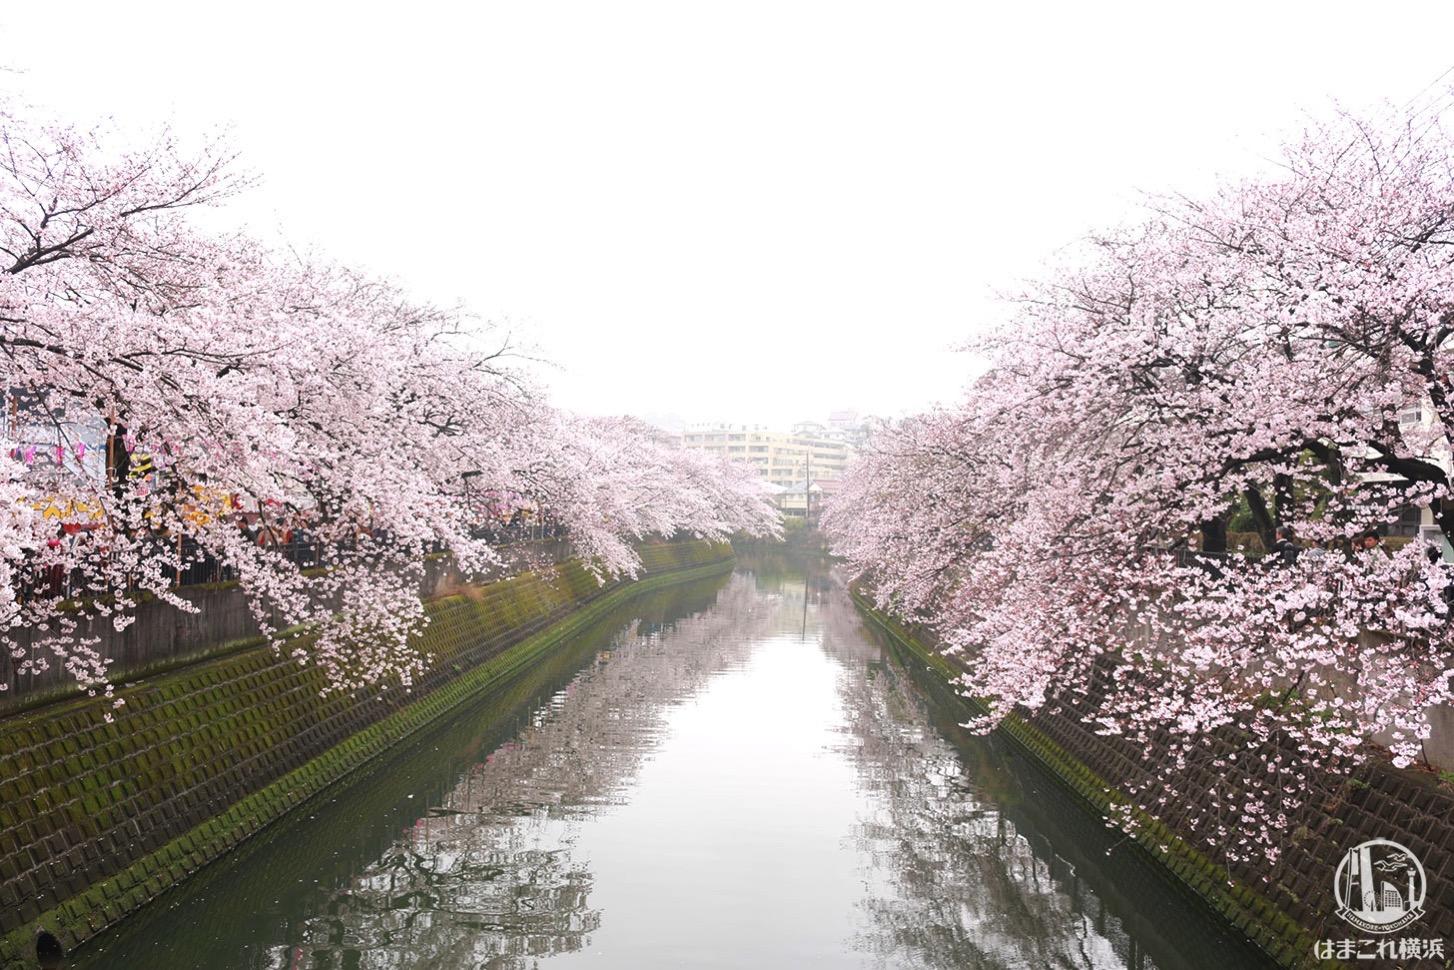 橋の上から見た大岡川の桜